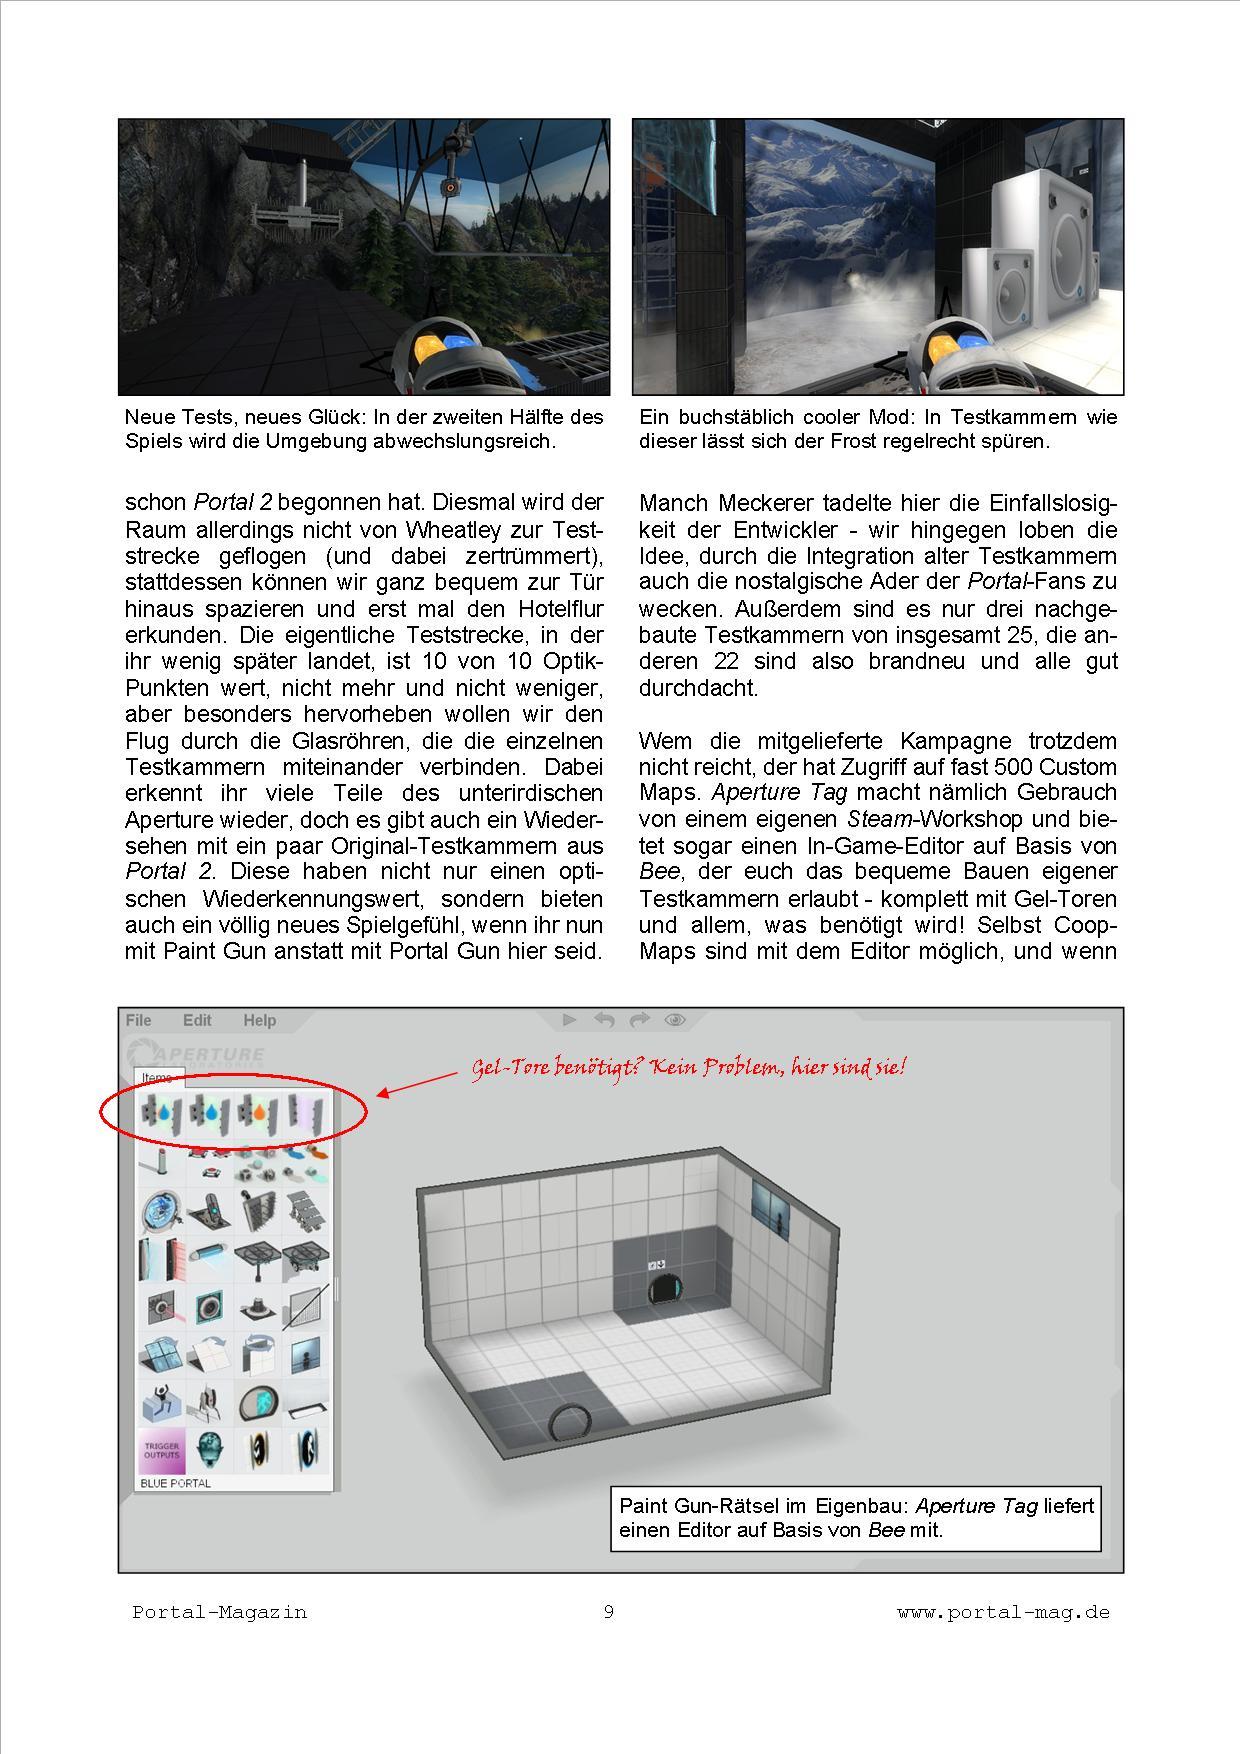 Ausgabe 26, Seite 9